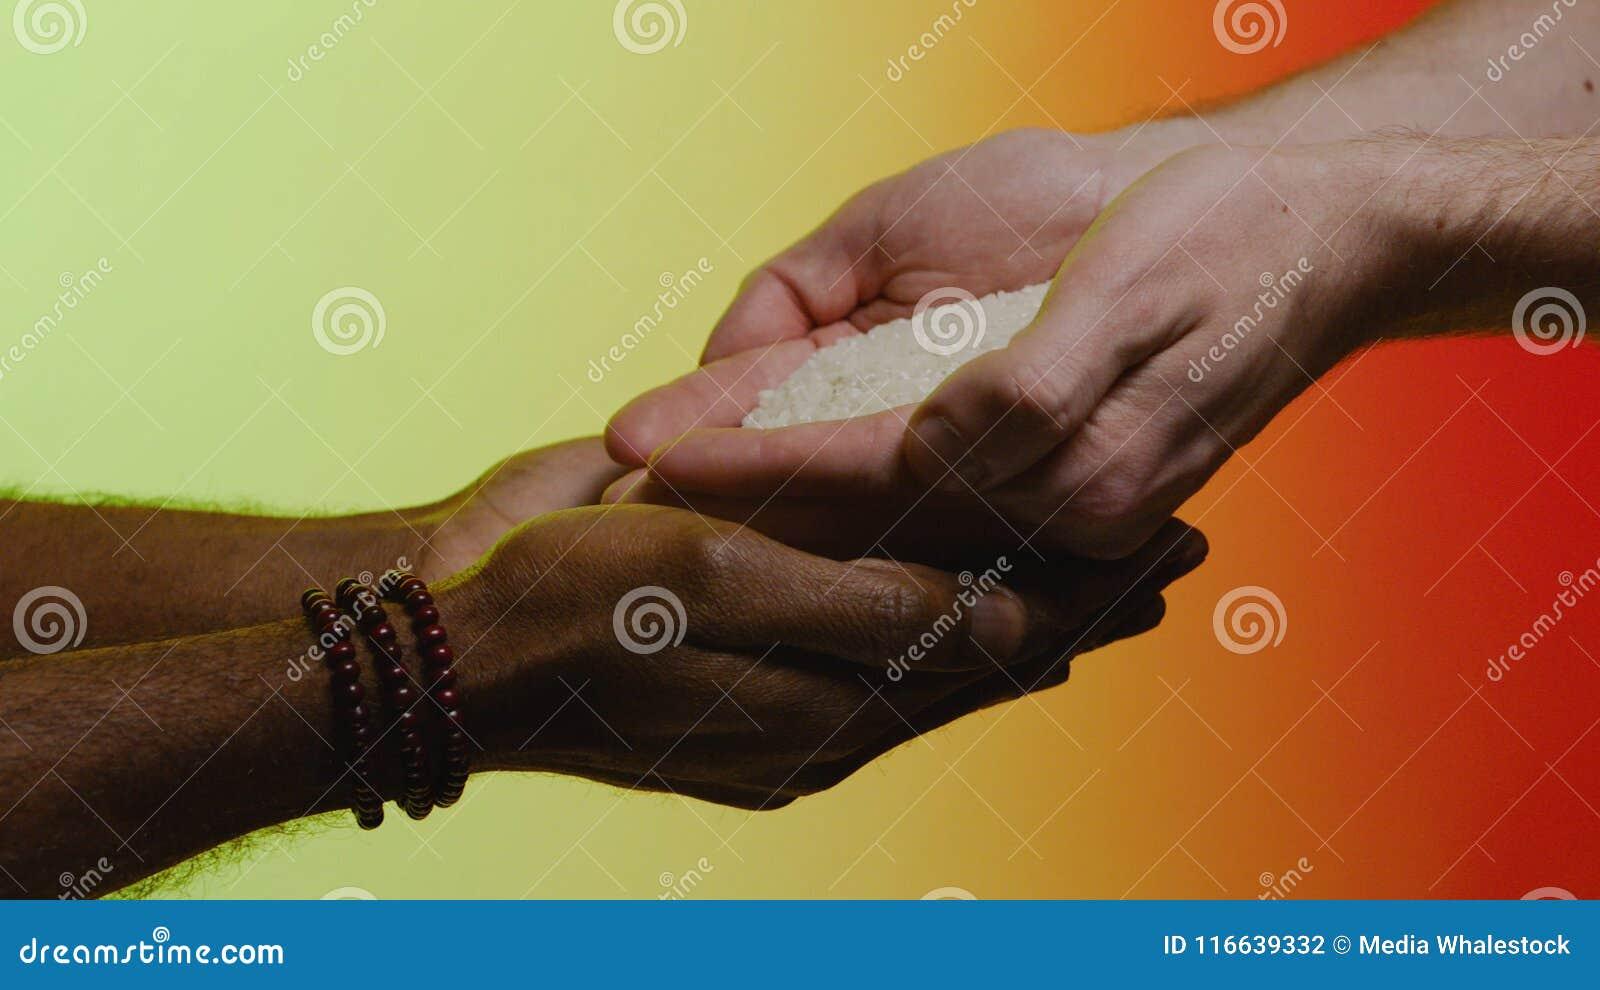 För hdriblixt för begrepp 3d service för framförande materiel Inlevelse medkänsla, hjälp, vänlighet Humanitärt bistånd till afrik